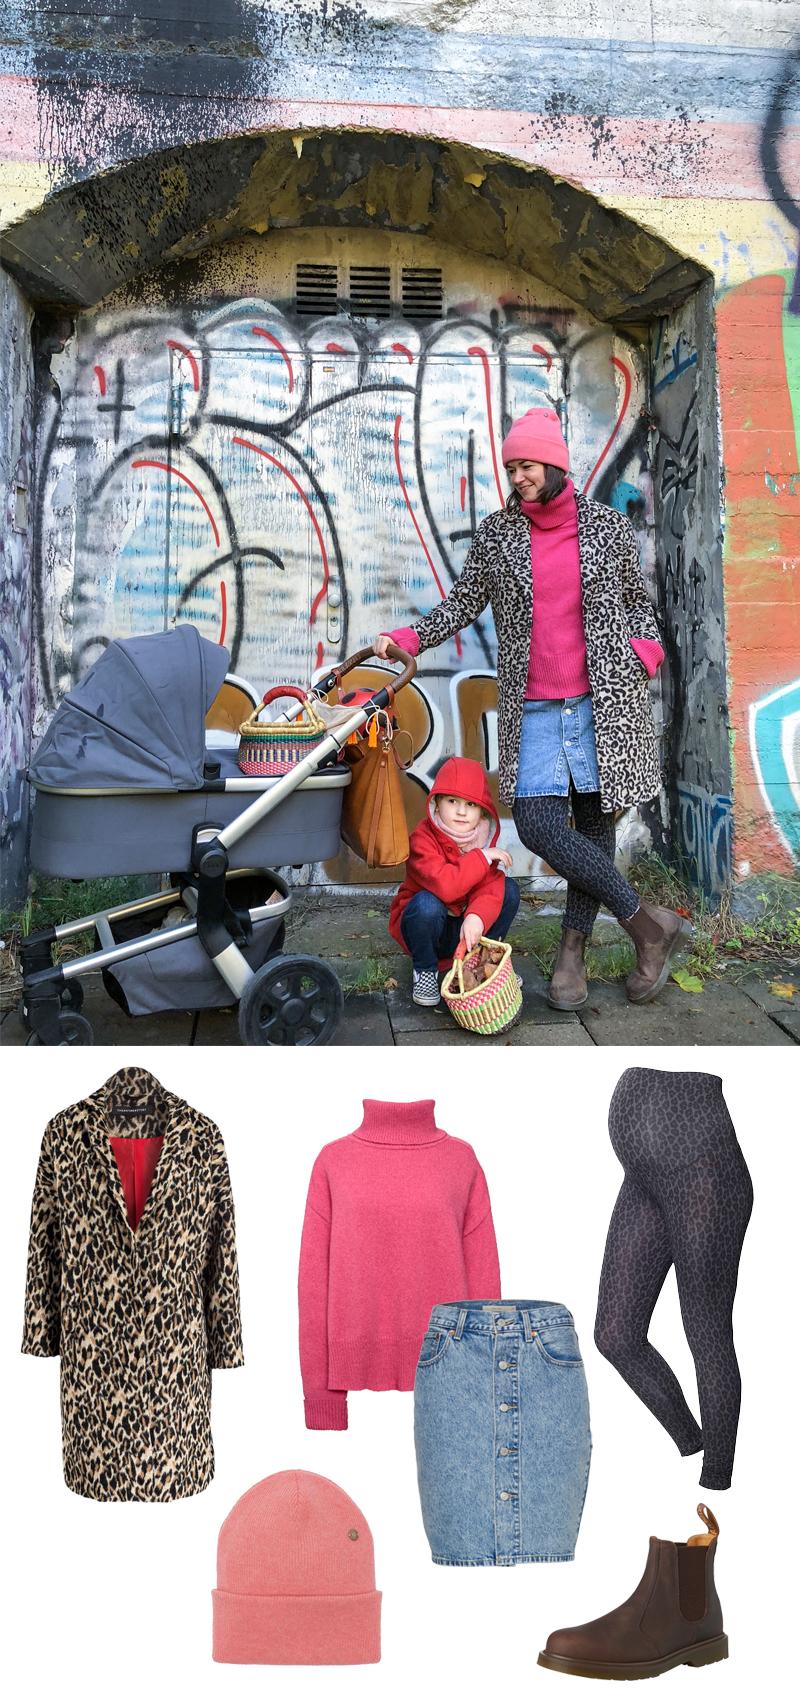 PinkepankStyle - Herbst Outfit mit Kuschelpulli und Leo-Mantel, fair Fashion Umstandsmode